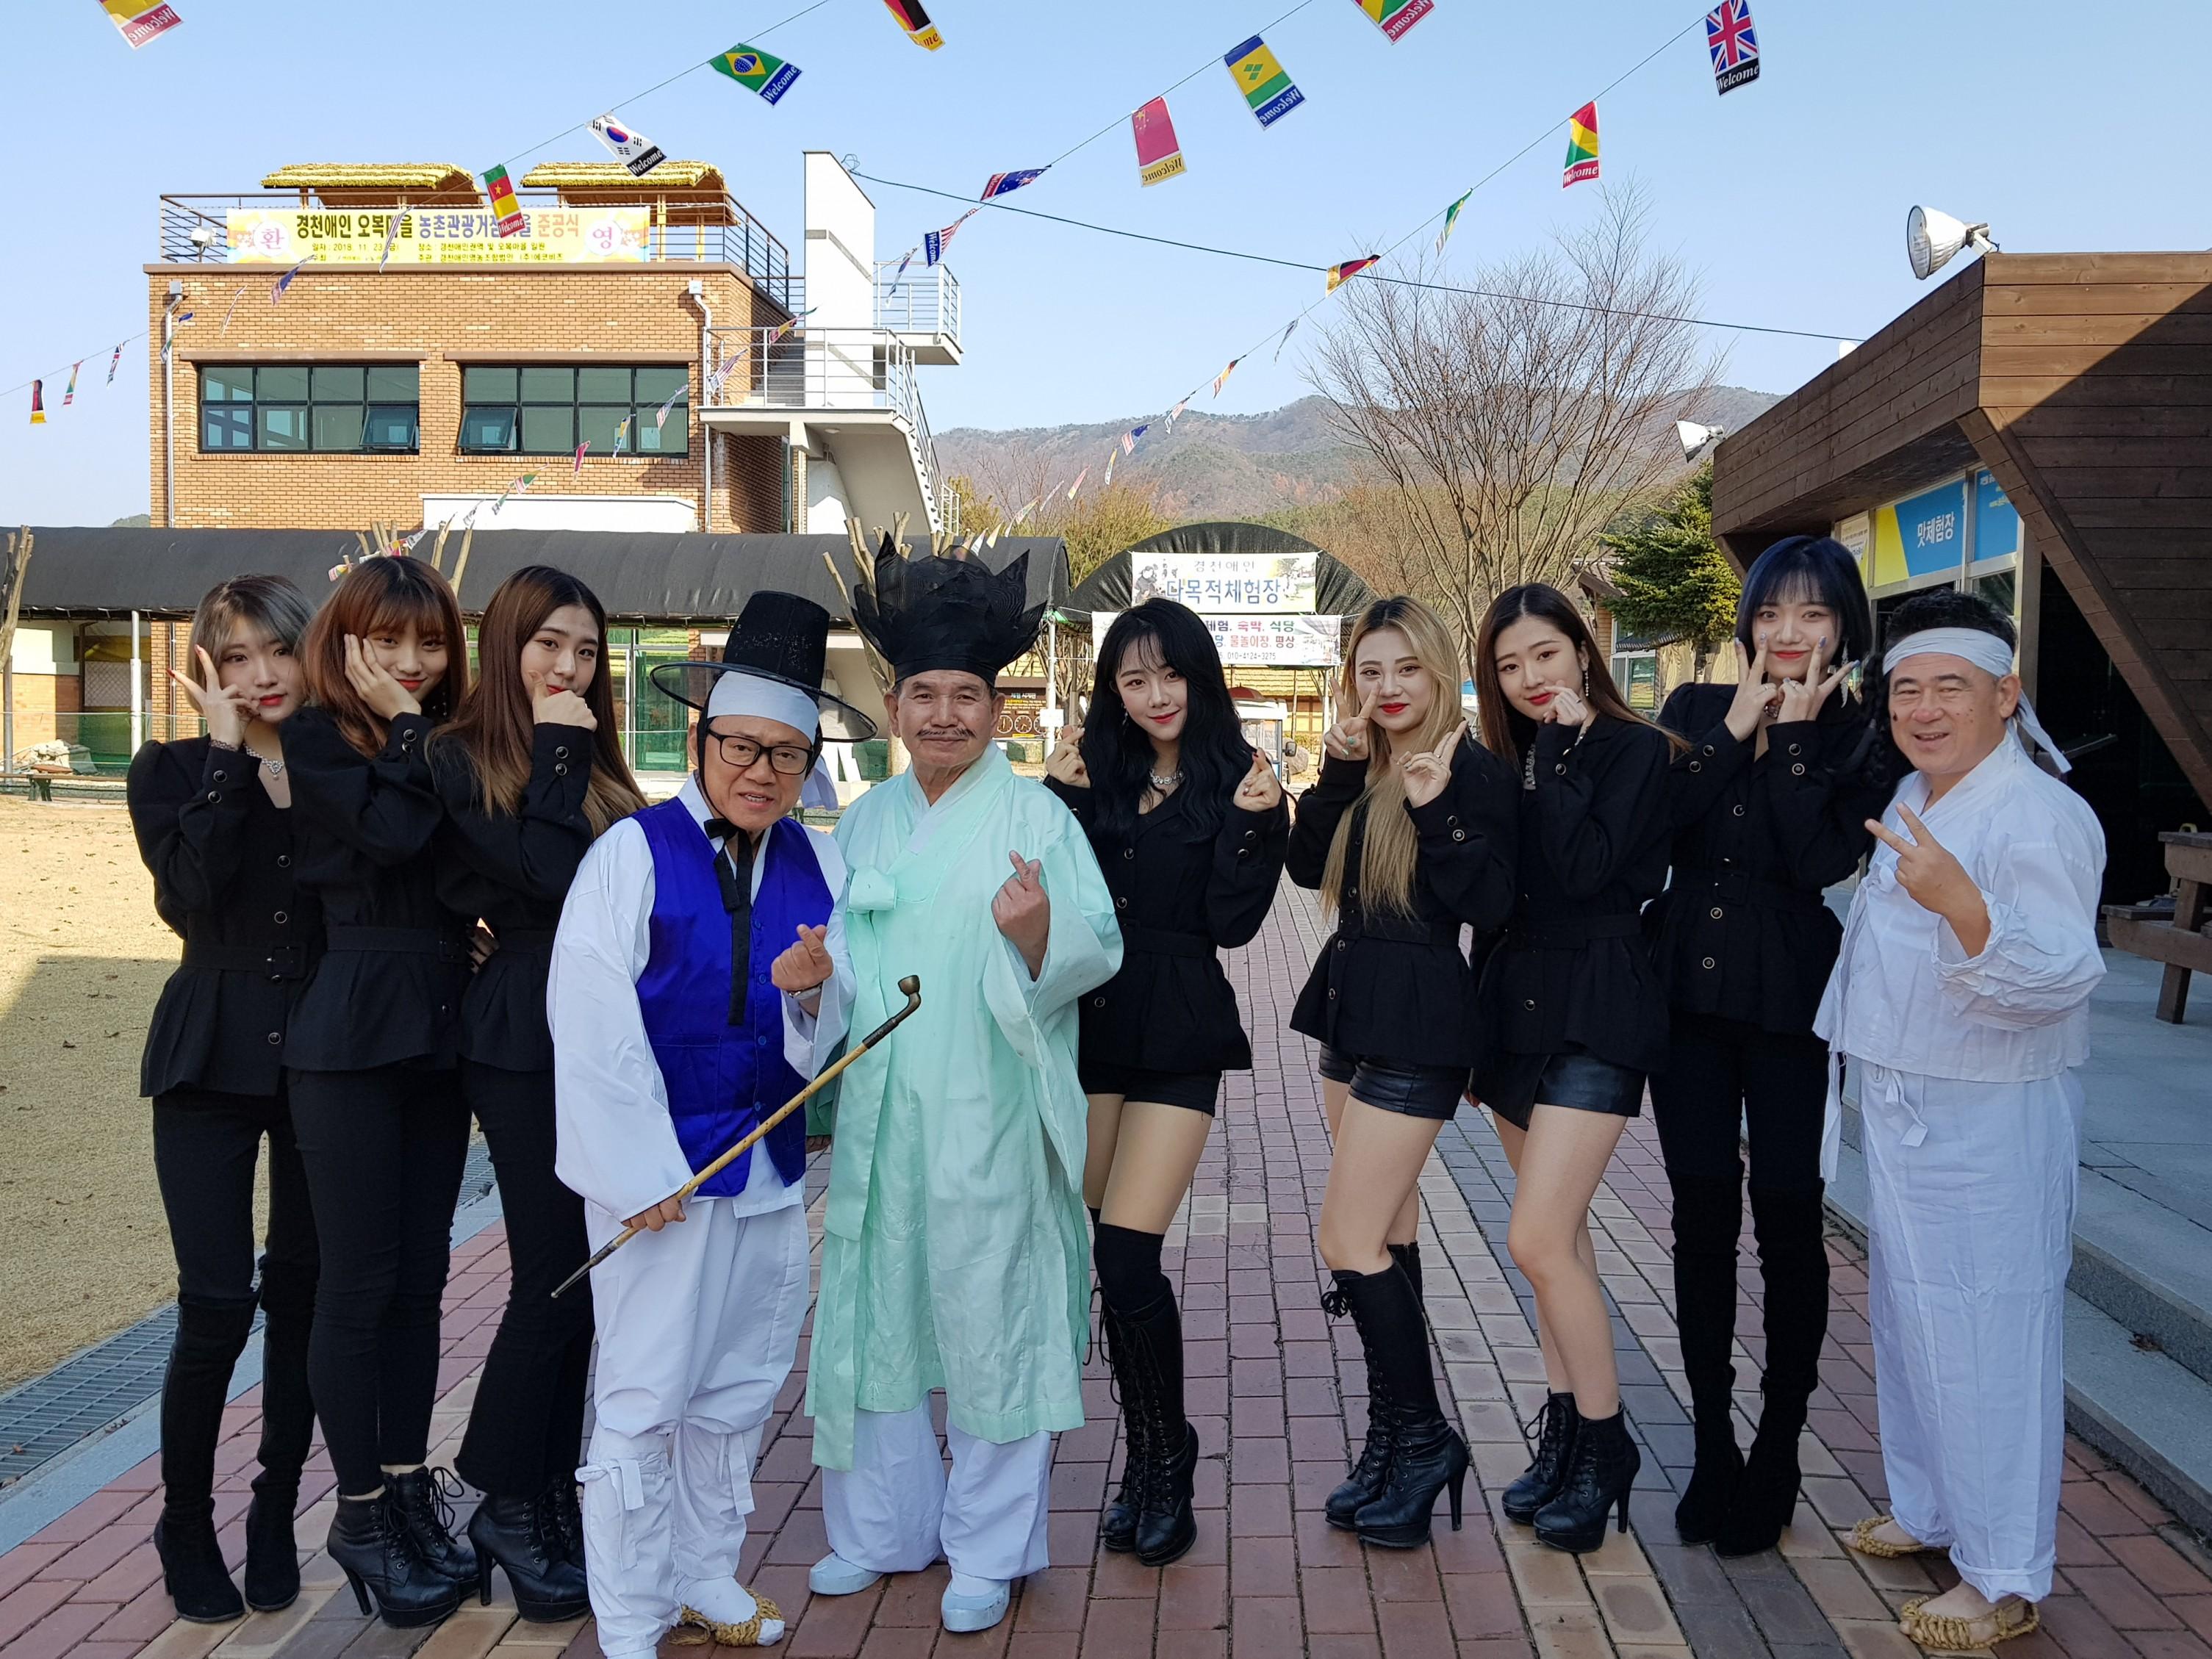 김수한무 팀과 비타민 엔젤(7인조 걸그룹)